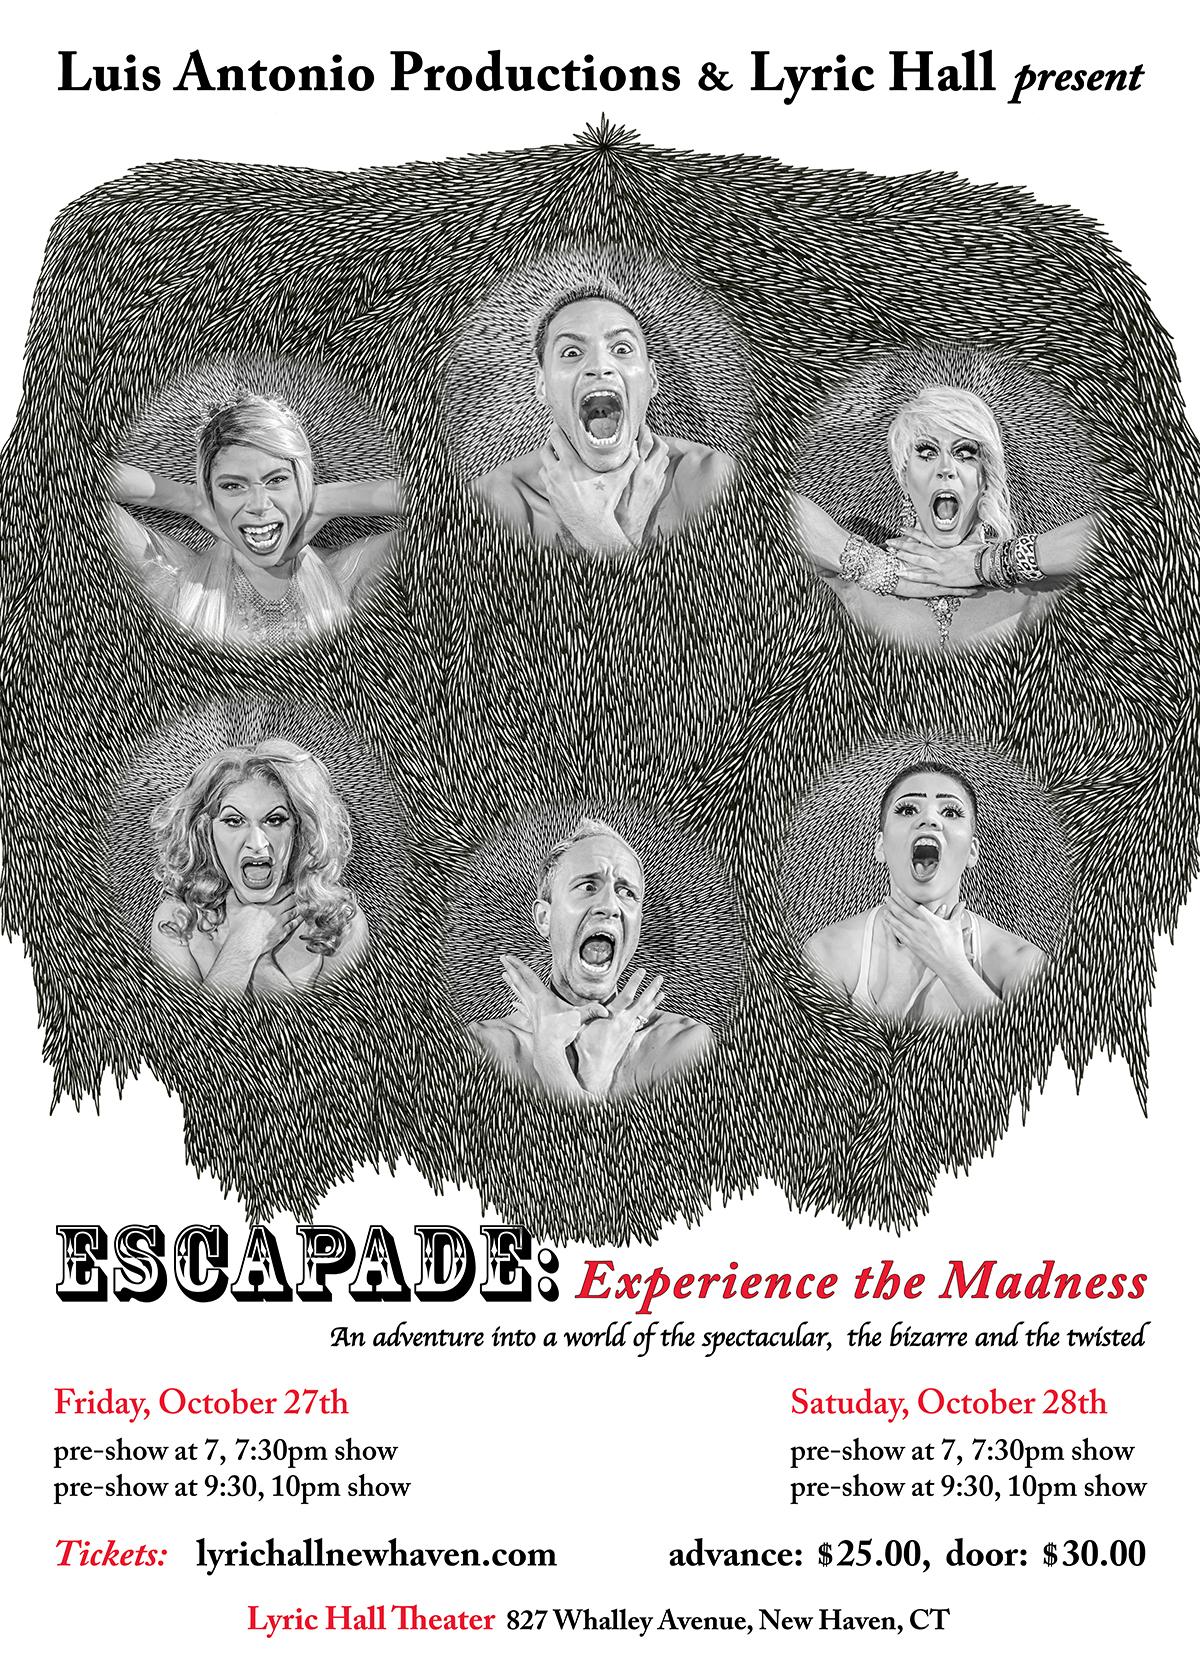 Escapade Poster 2017 - social media share file.jpg